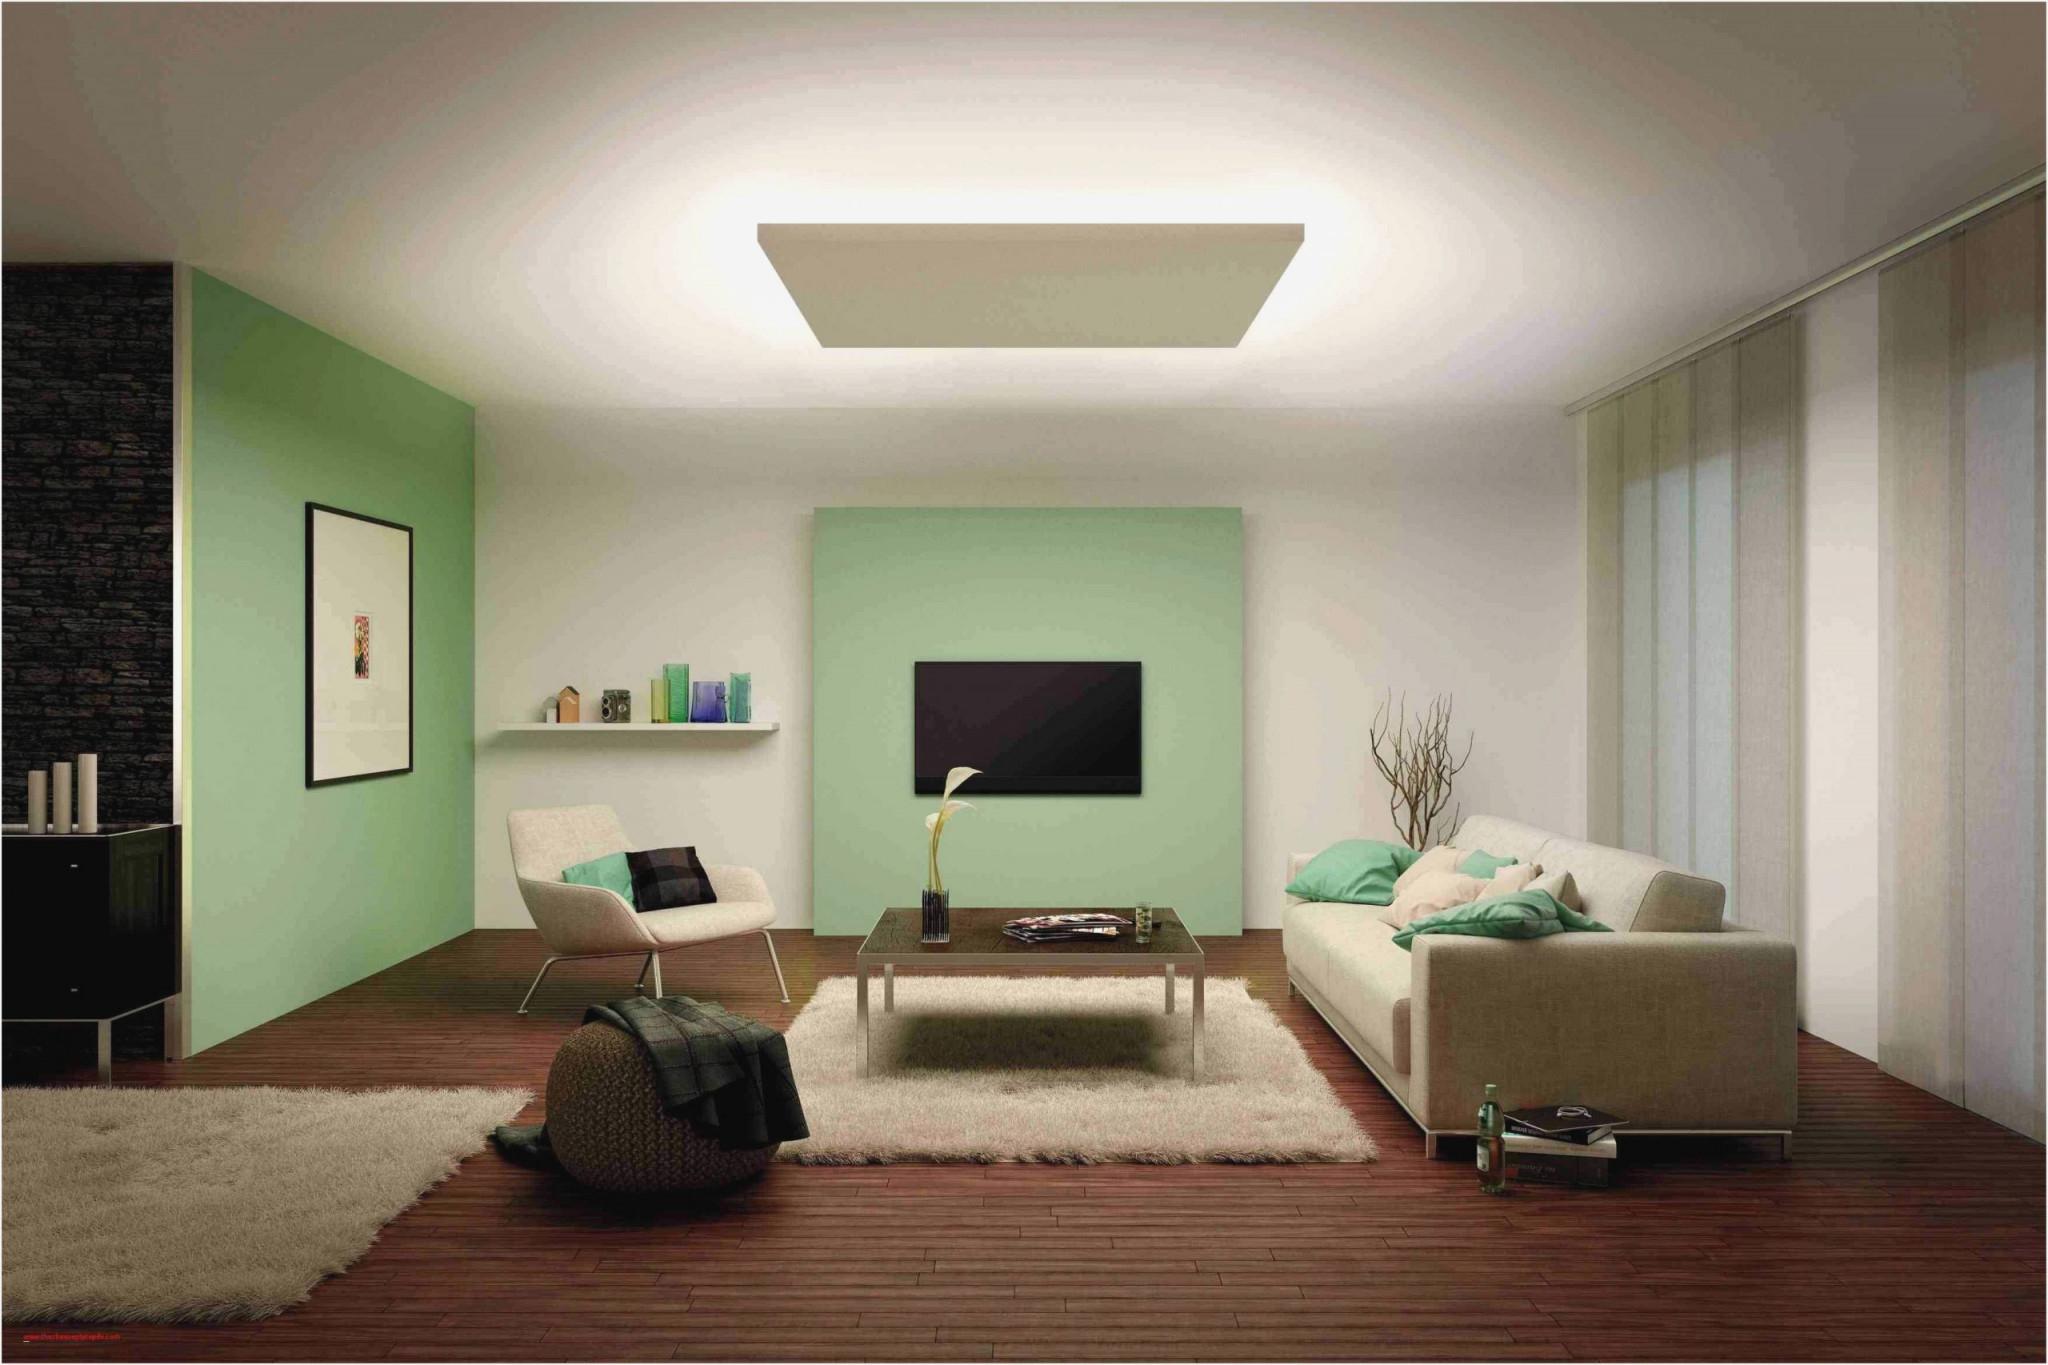 Deckenleuchte Indirektes Licht Wohnzimmer  Wohnzimmer von Wohnzimmer Lampe Indirektes Licht Photo